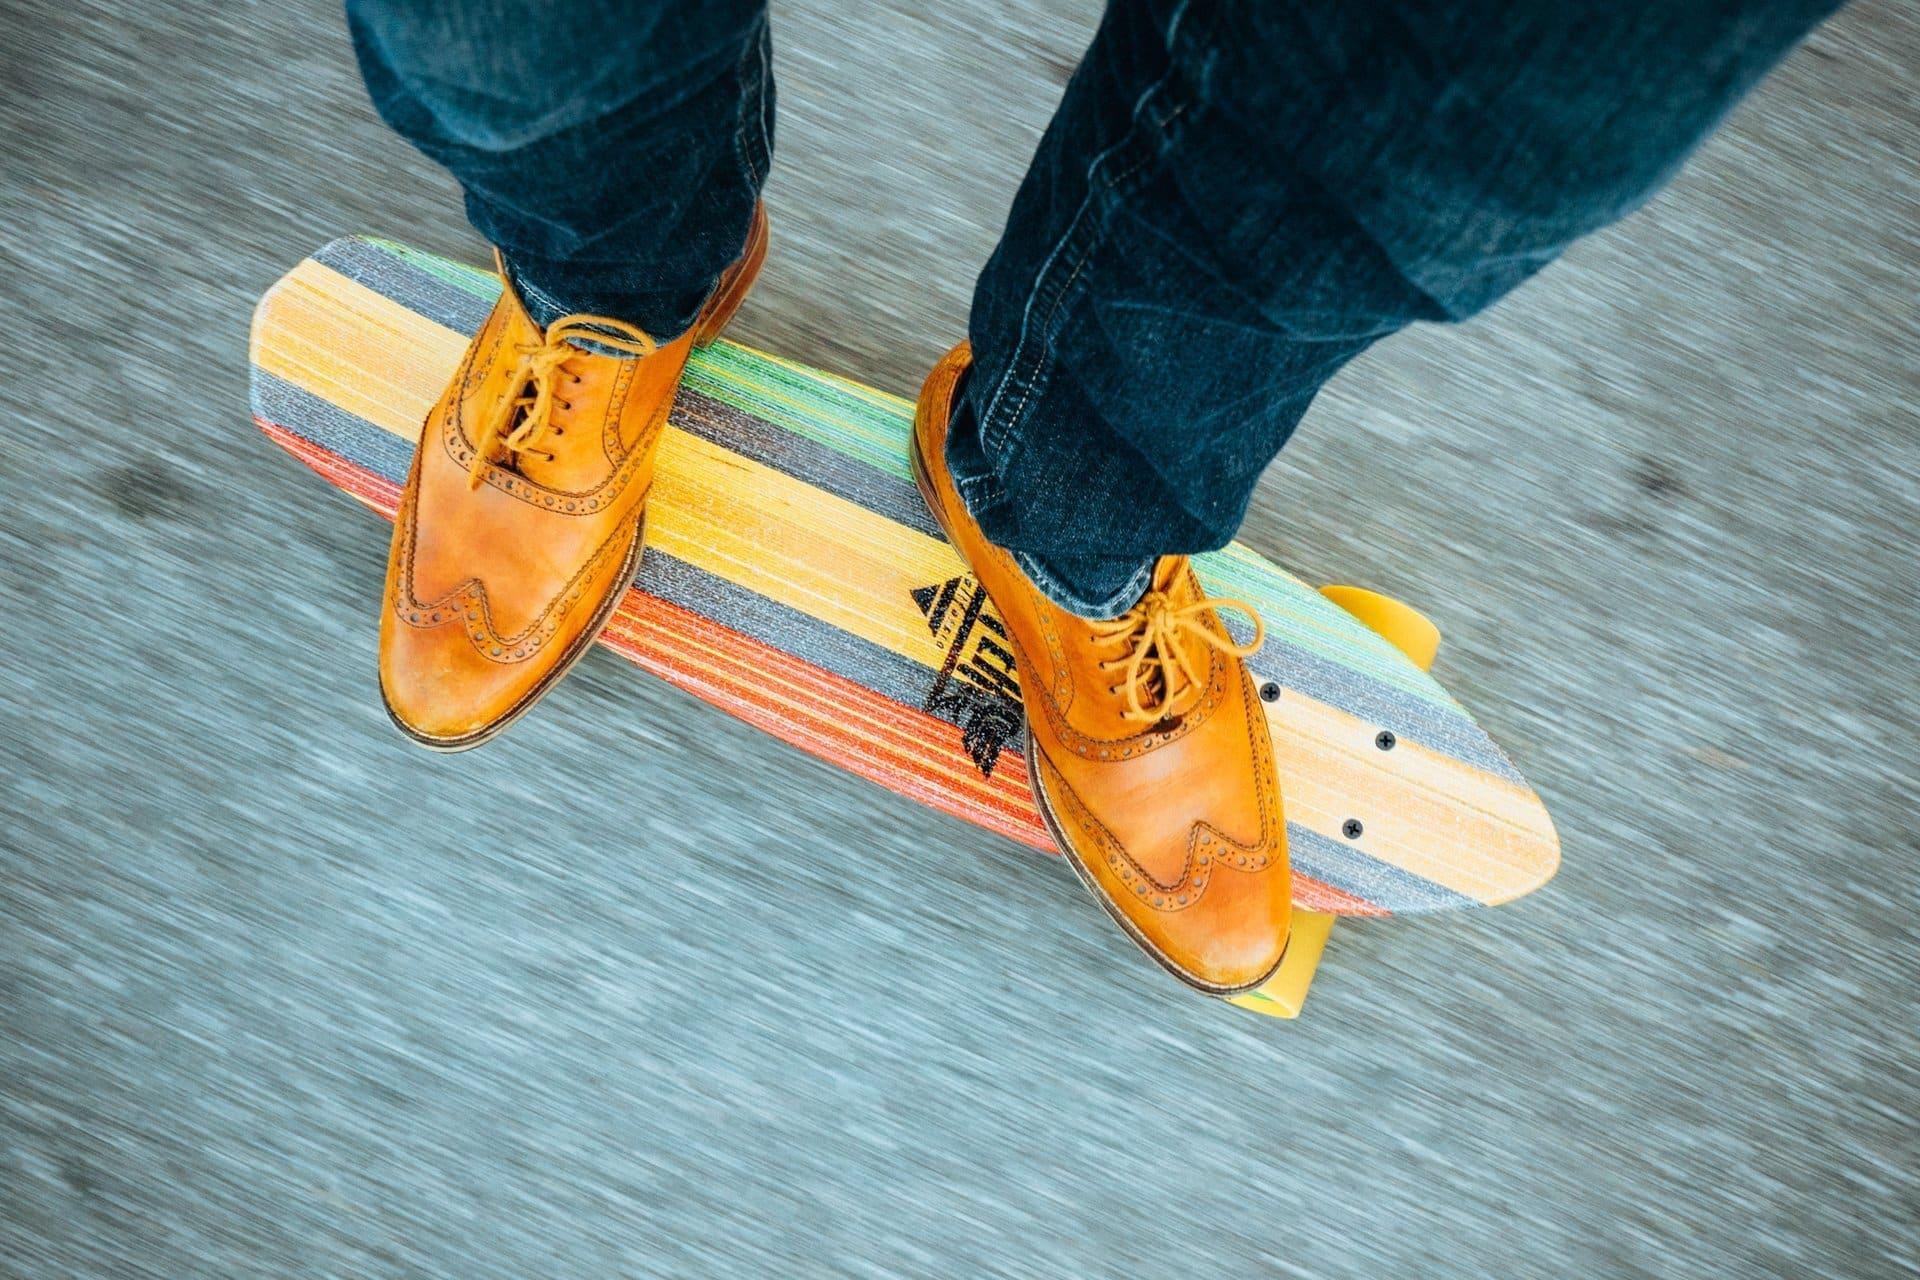 El Mejor Skate Eléctrico Barato